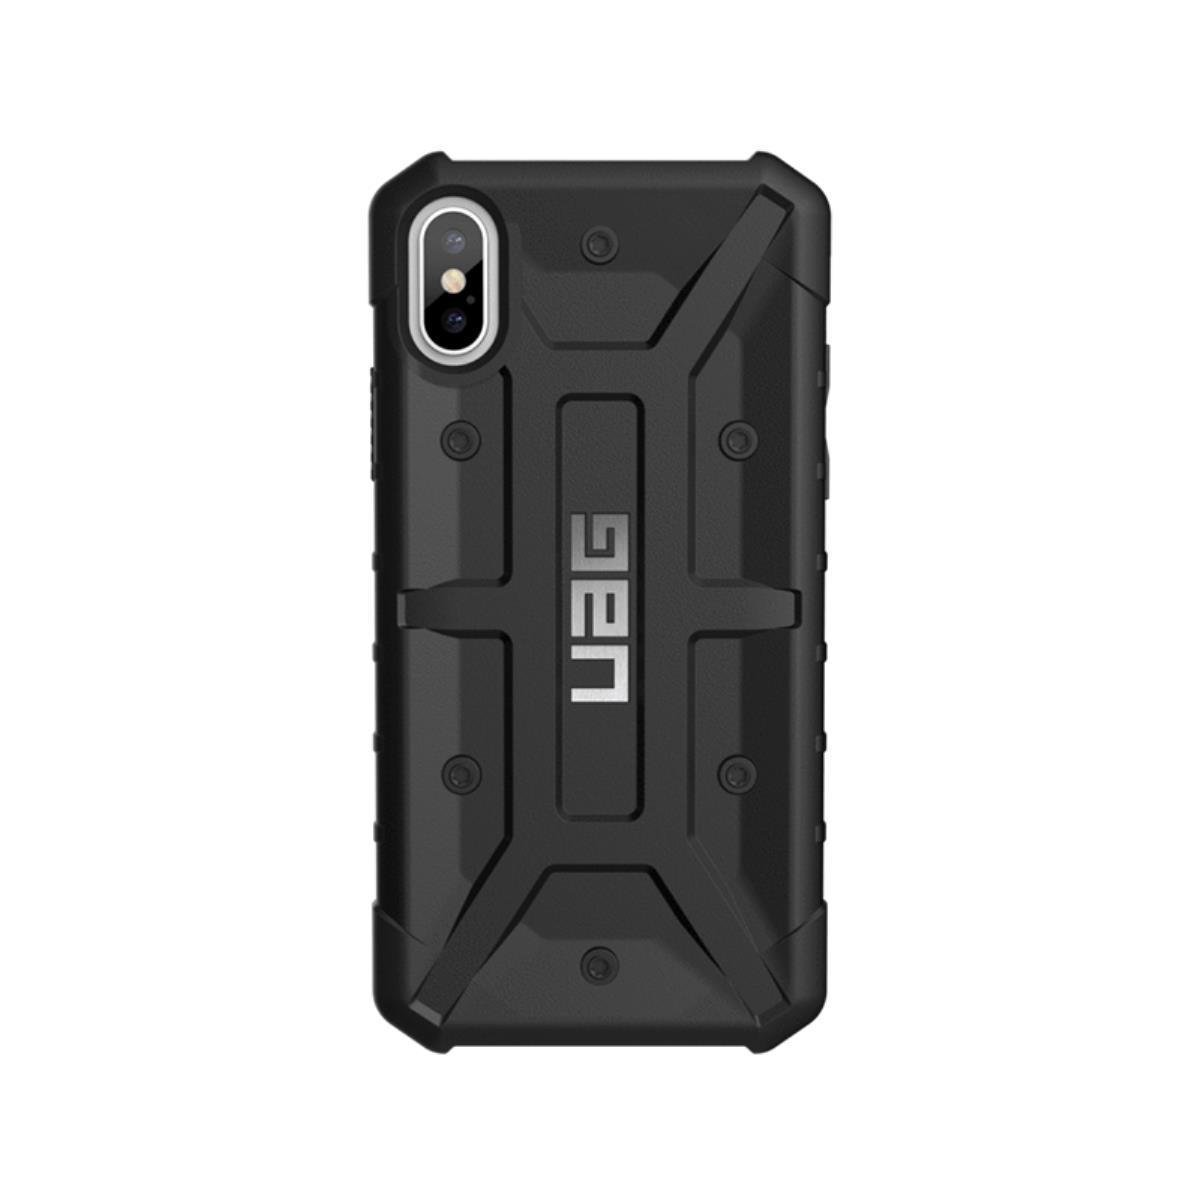 LED VIEW COVER ORIGINAL EF-NG950PVE SAMSUNG S8 VIOLET